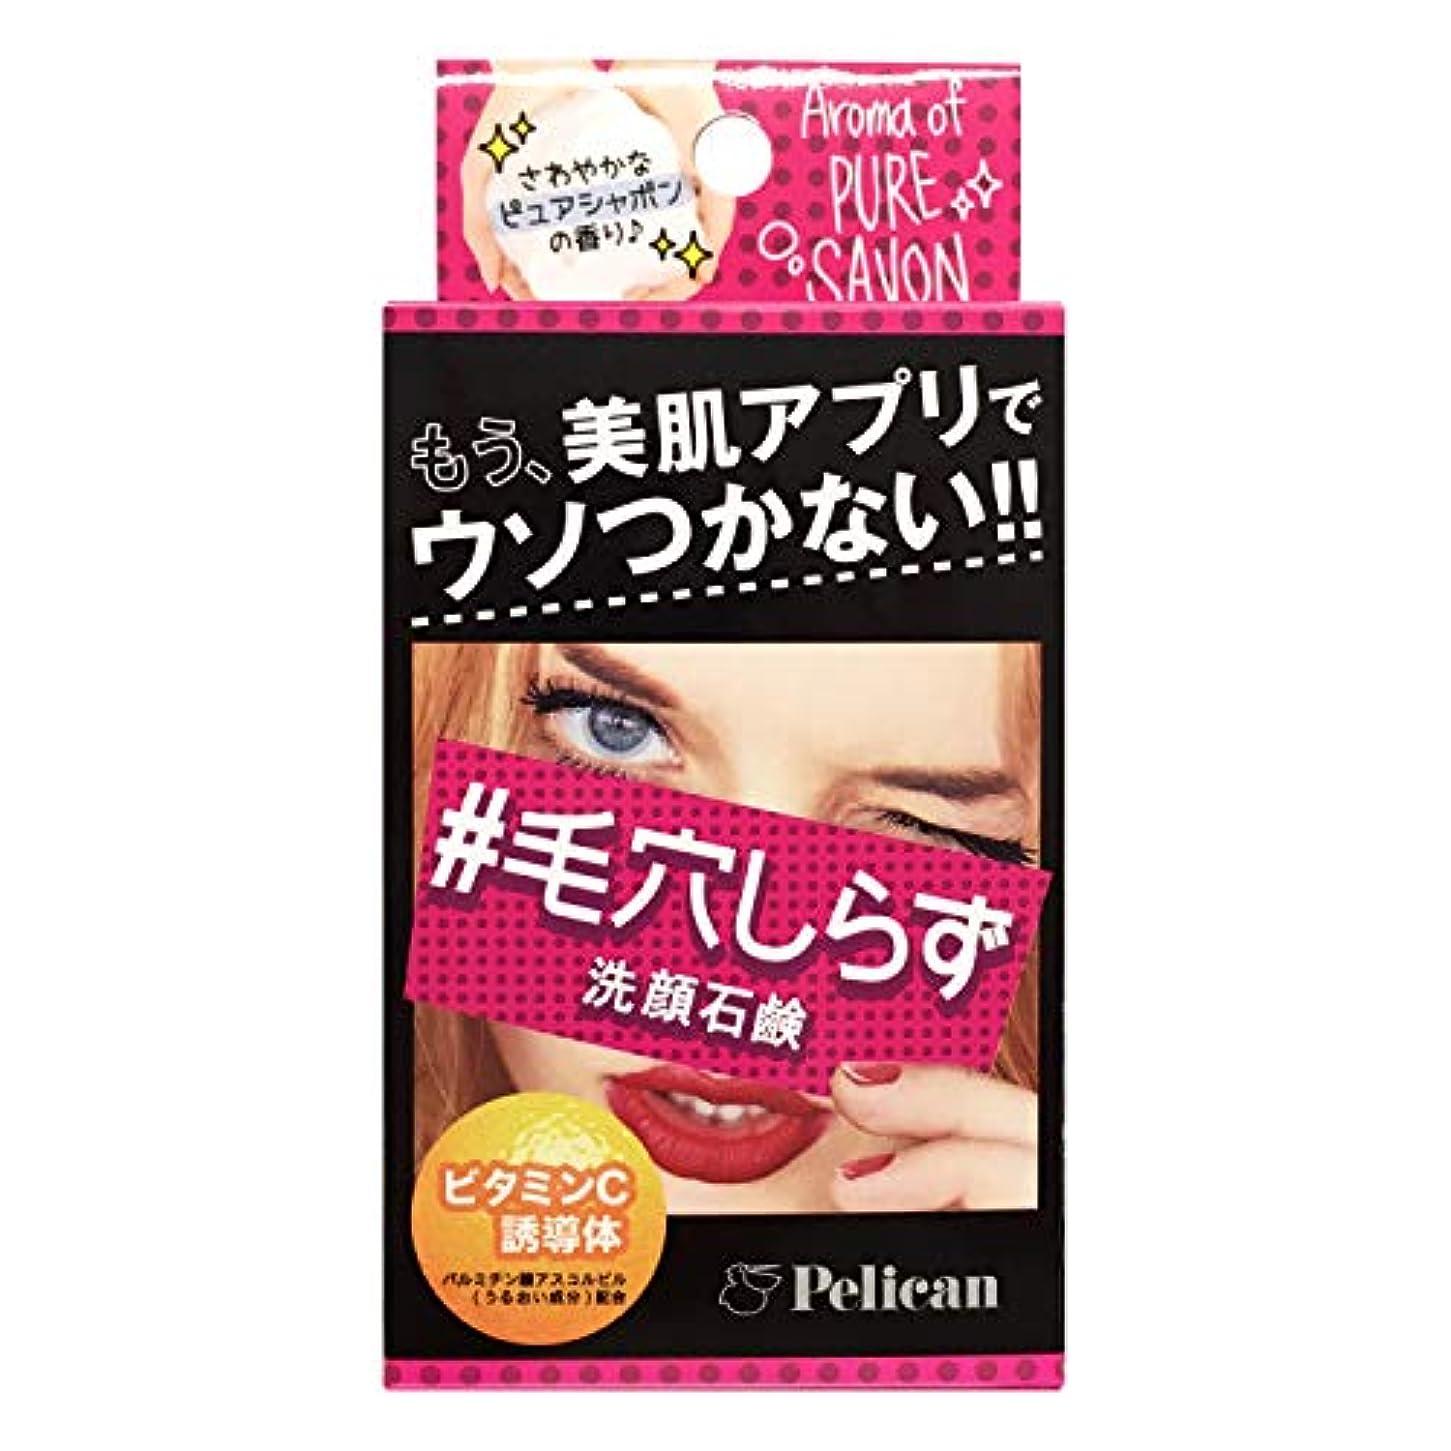 ペリカン石鹸 毛穴しらず洗顔石鹸 75g